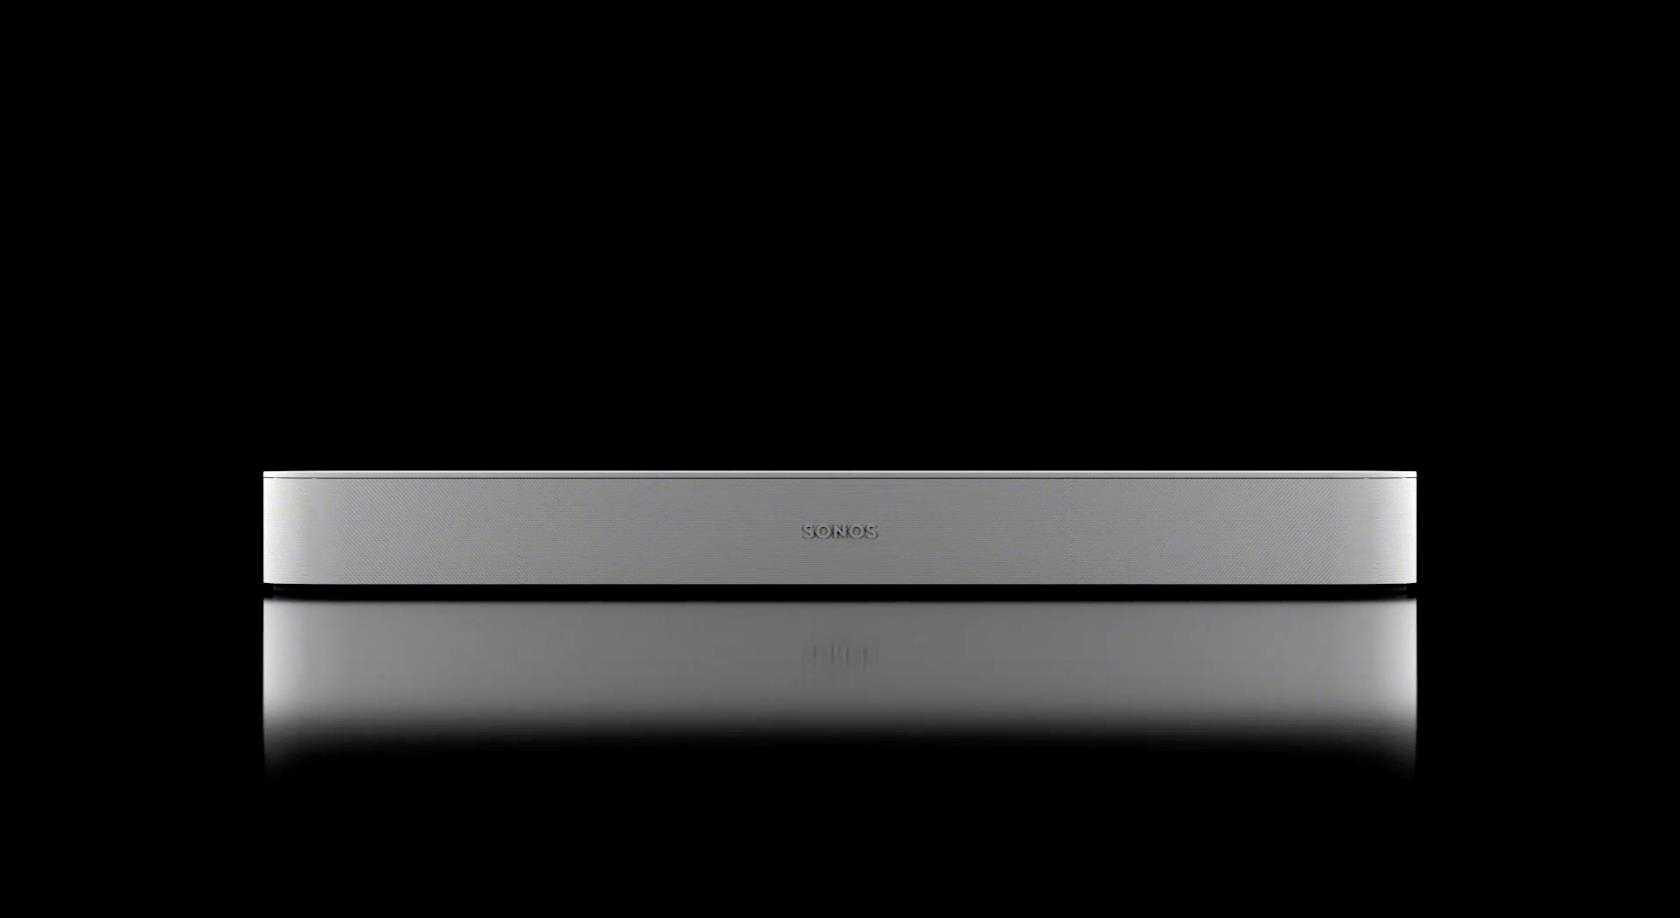 Sonos schrumpft die Soundbase: Sonos Beam